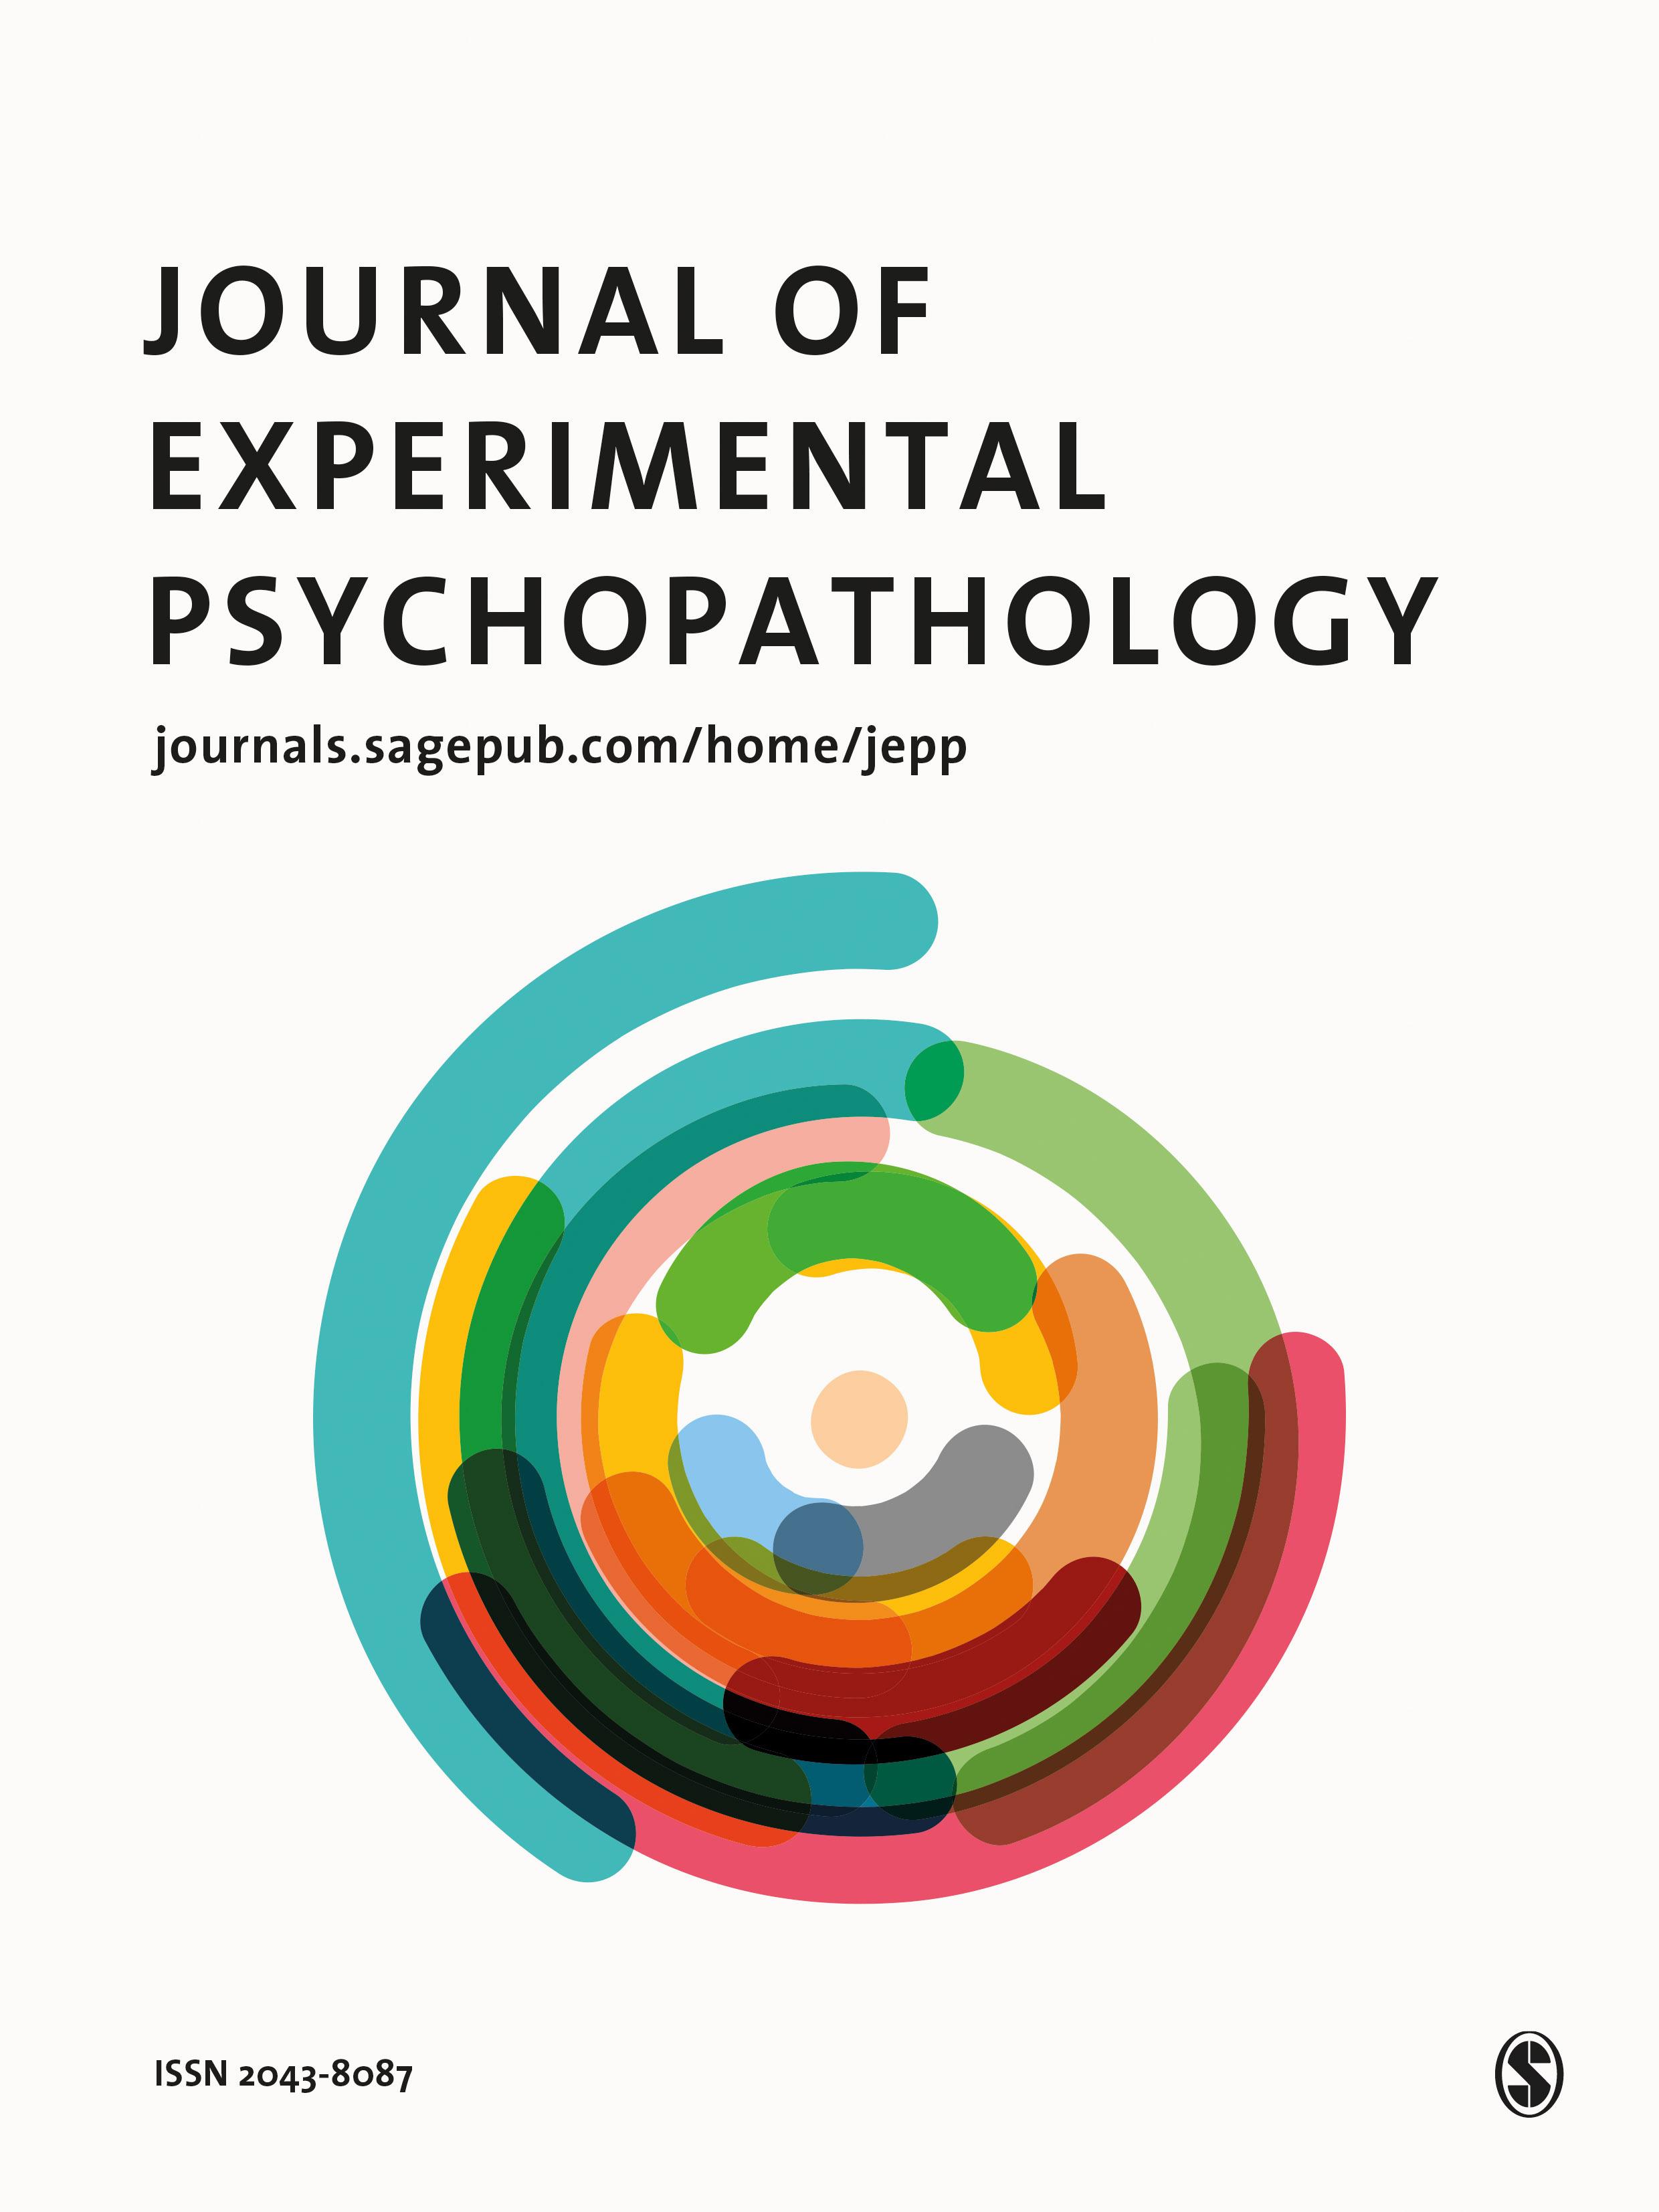 Journal of Experimental Psychopathology